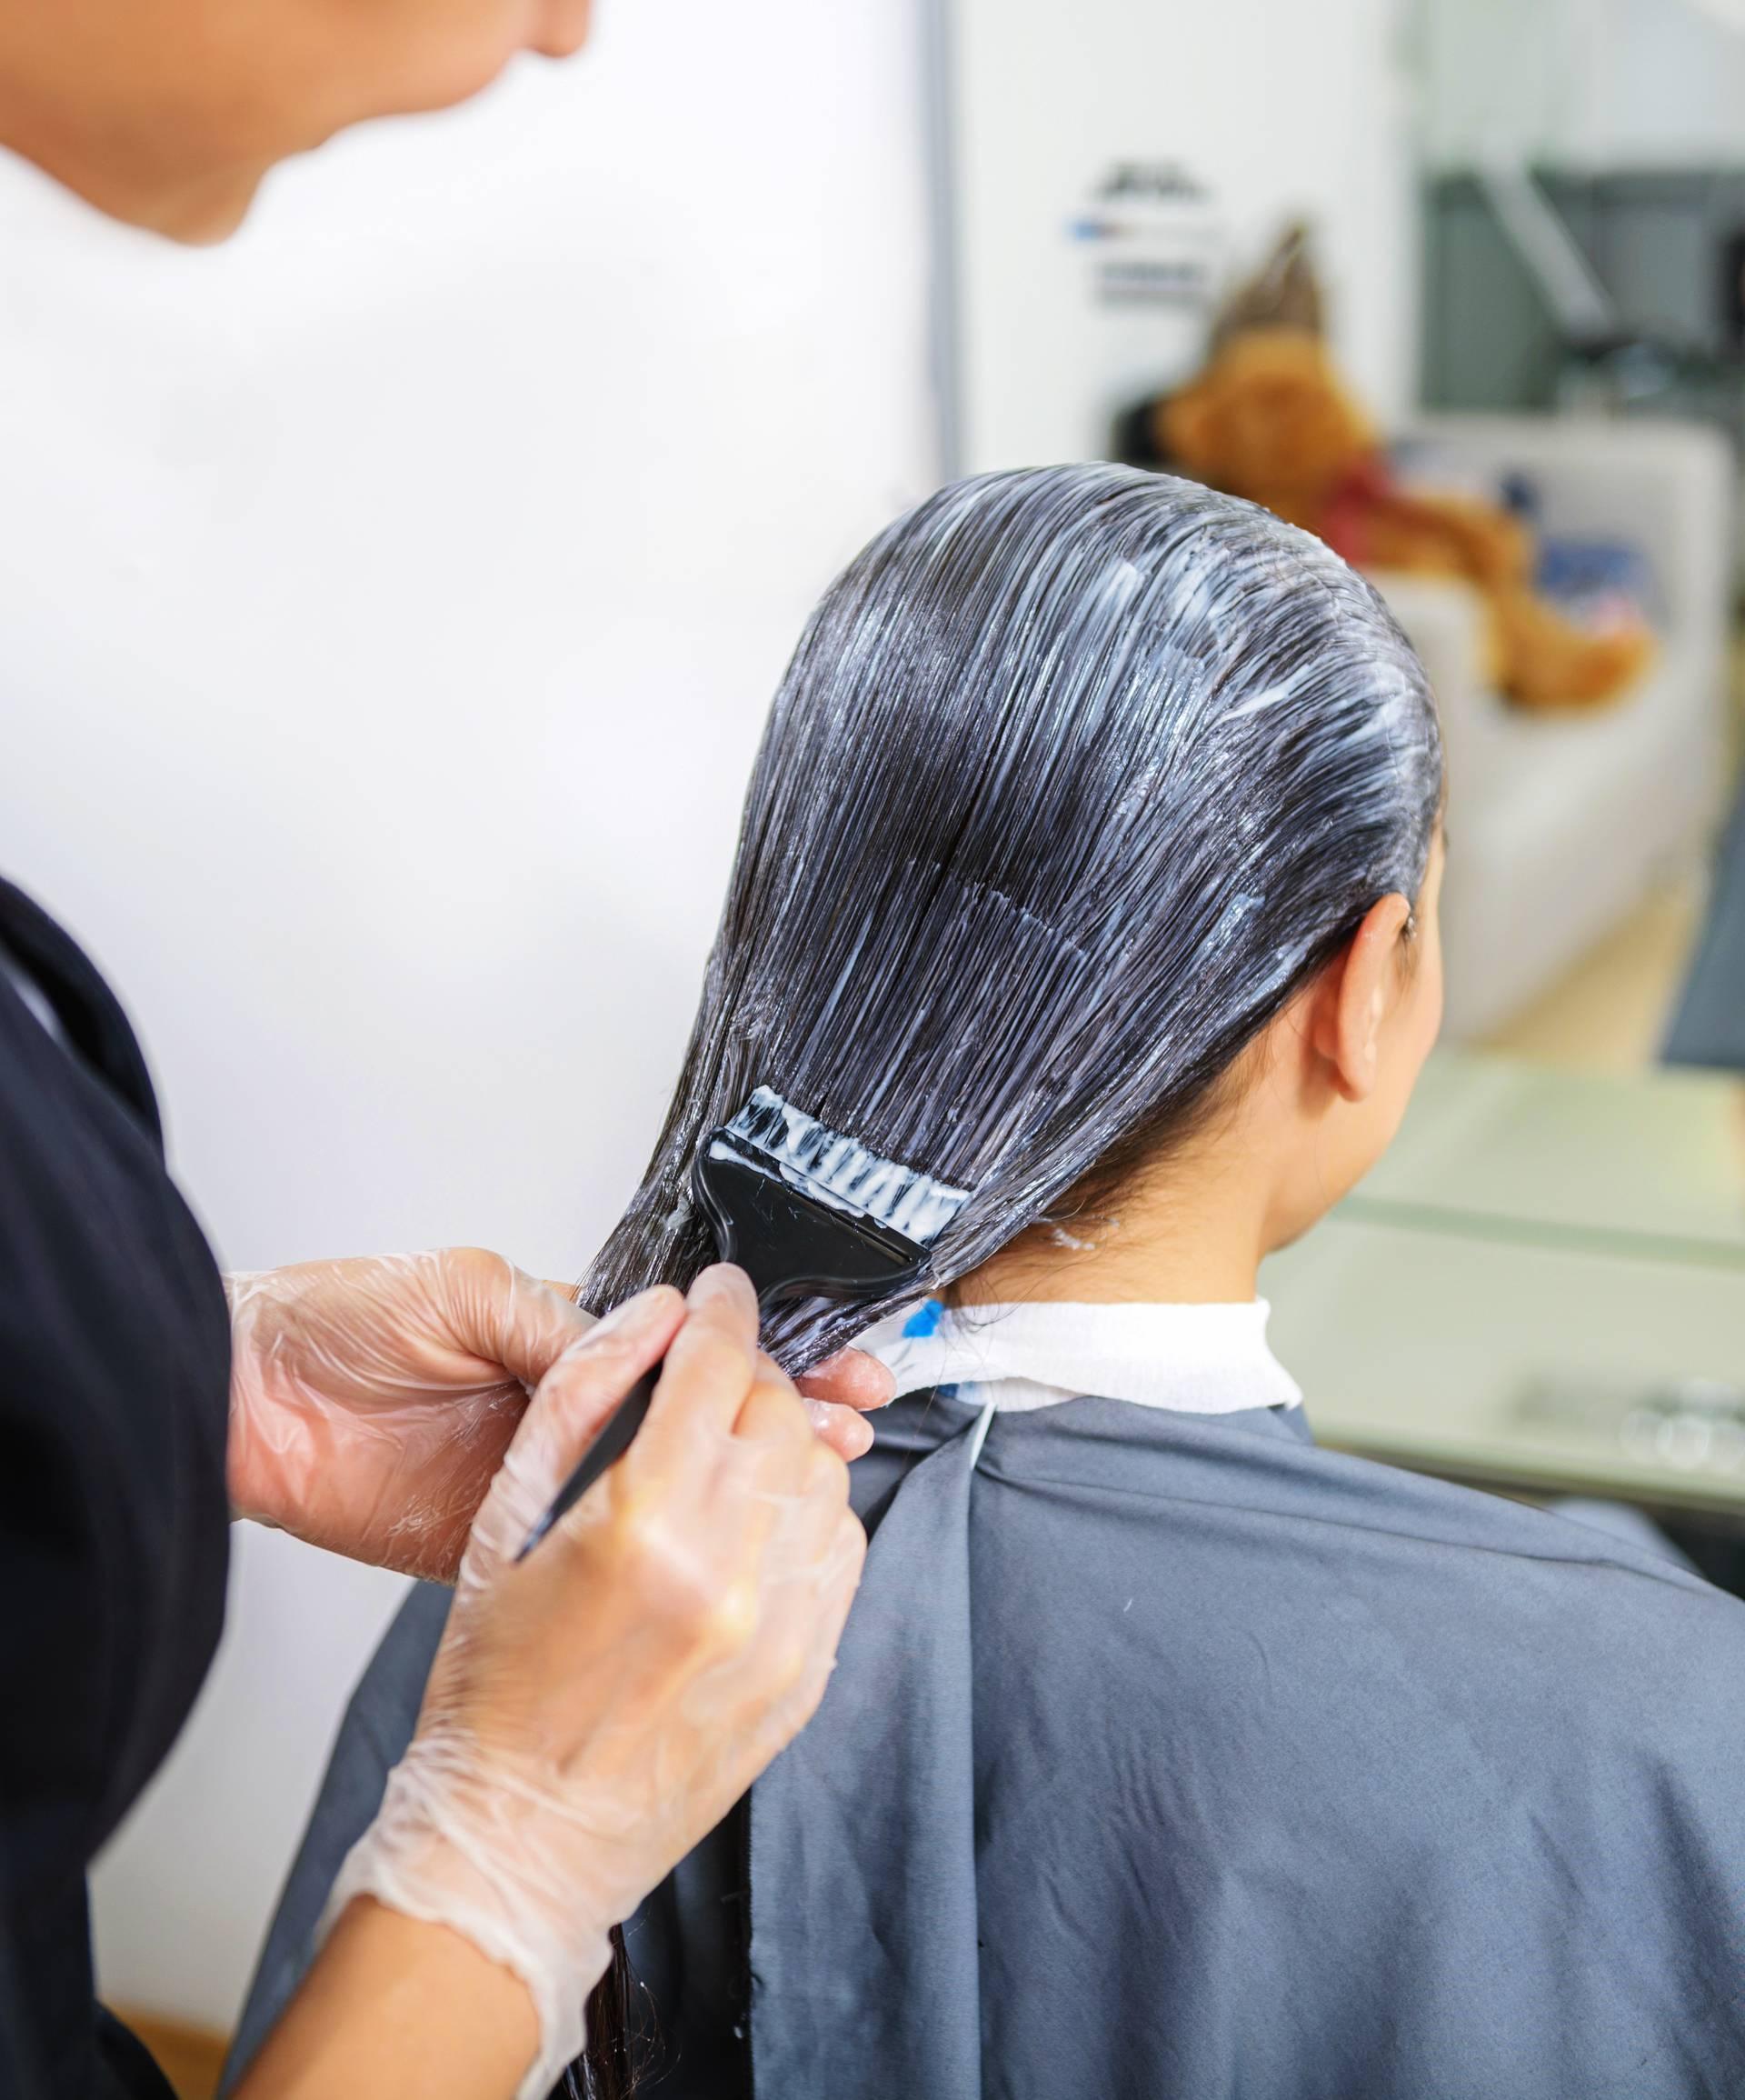 Super trik za bojanje kose kod kuće dat će vam lijepe nijanse